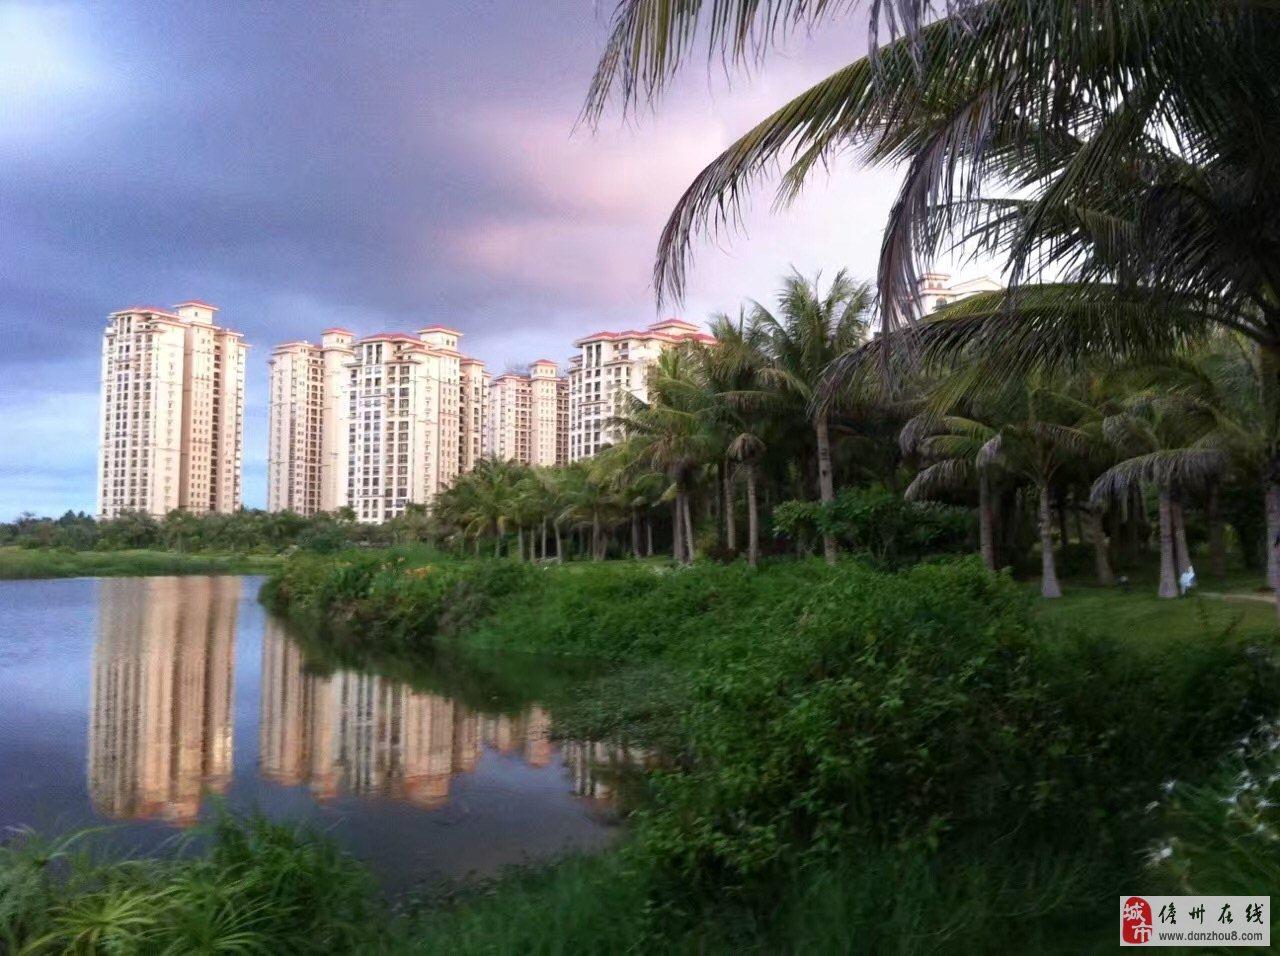 中南西海岸位于海南省儋州市白马井滨海新区第二组团